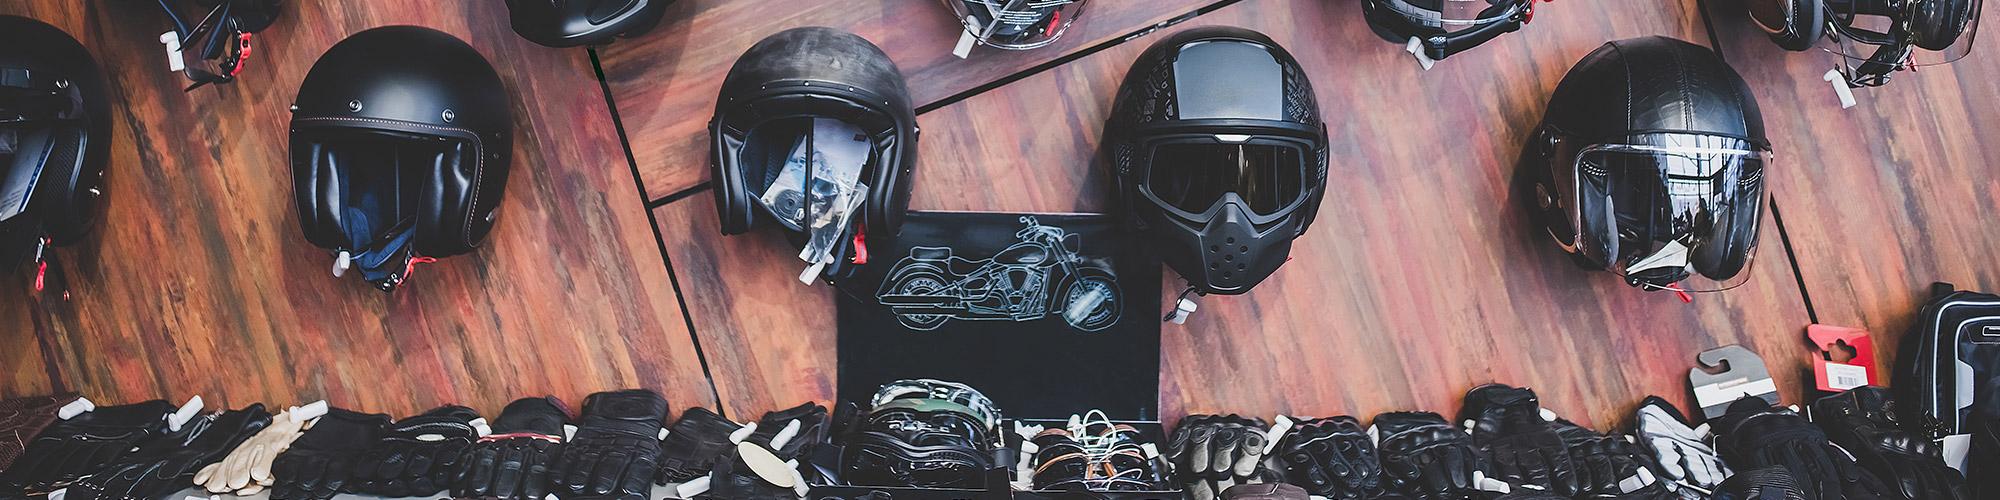 Abbigliamento moto - Parma Retail Parco Commerciale